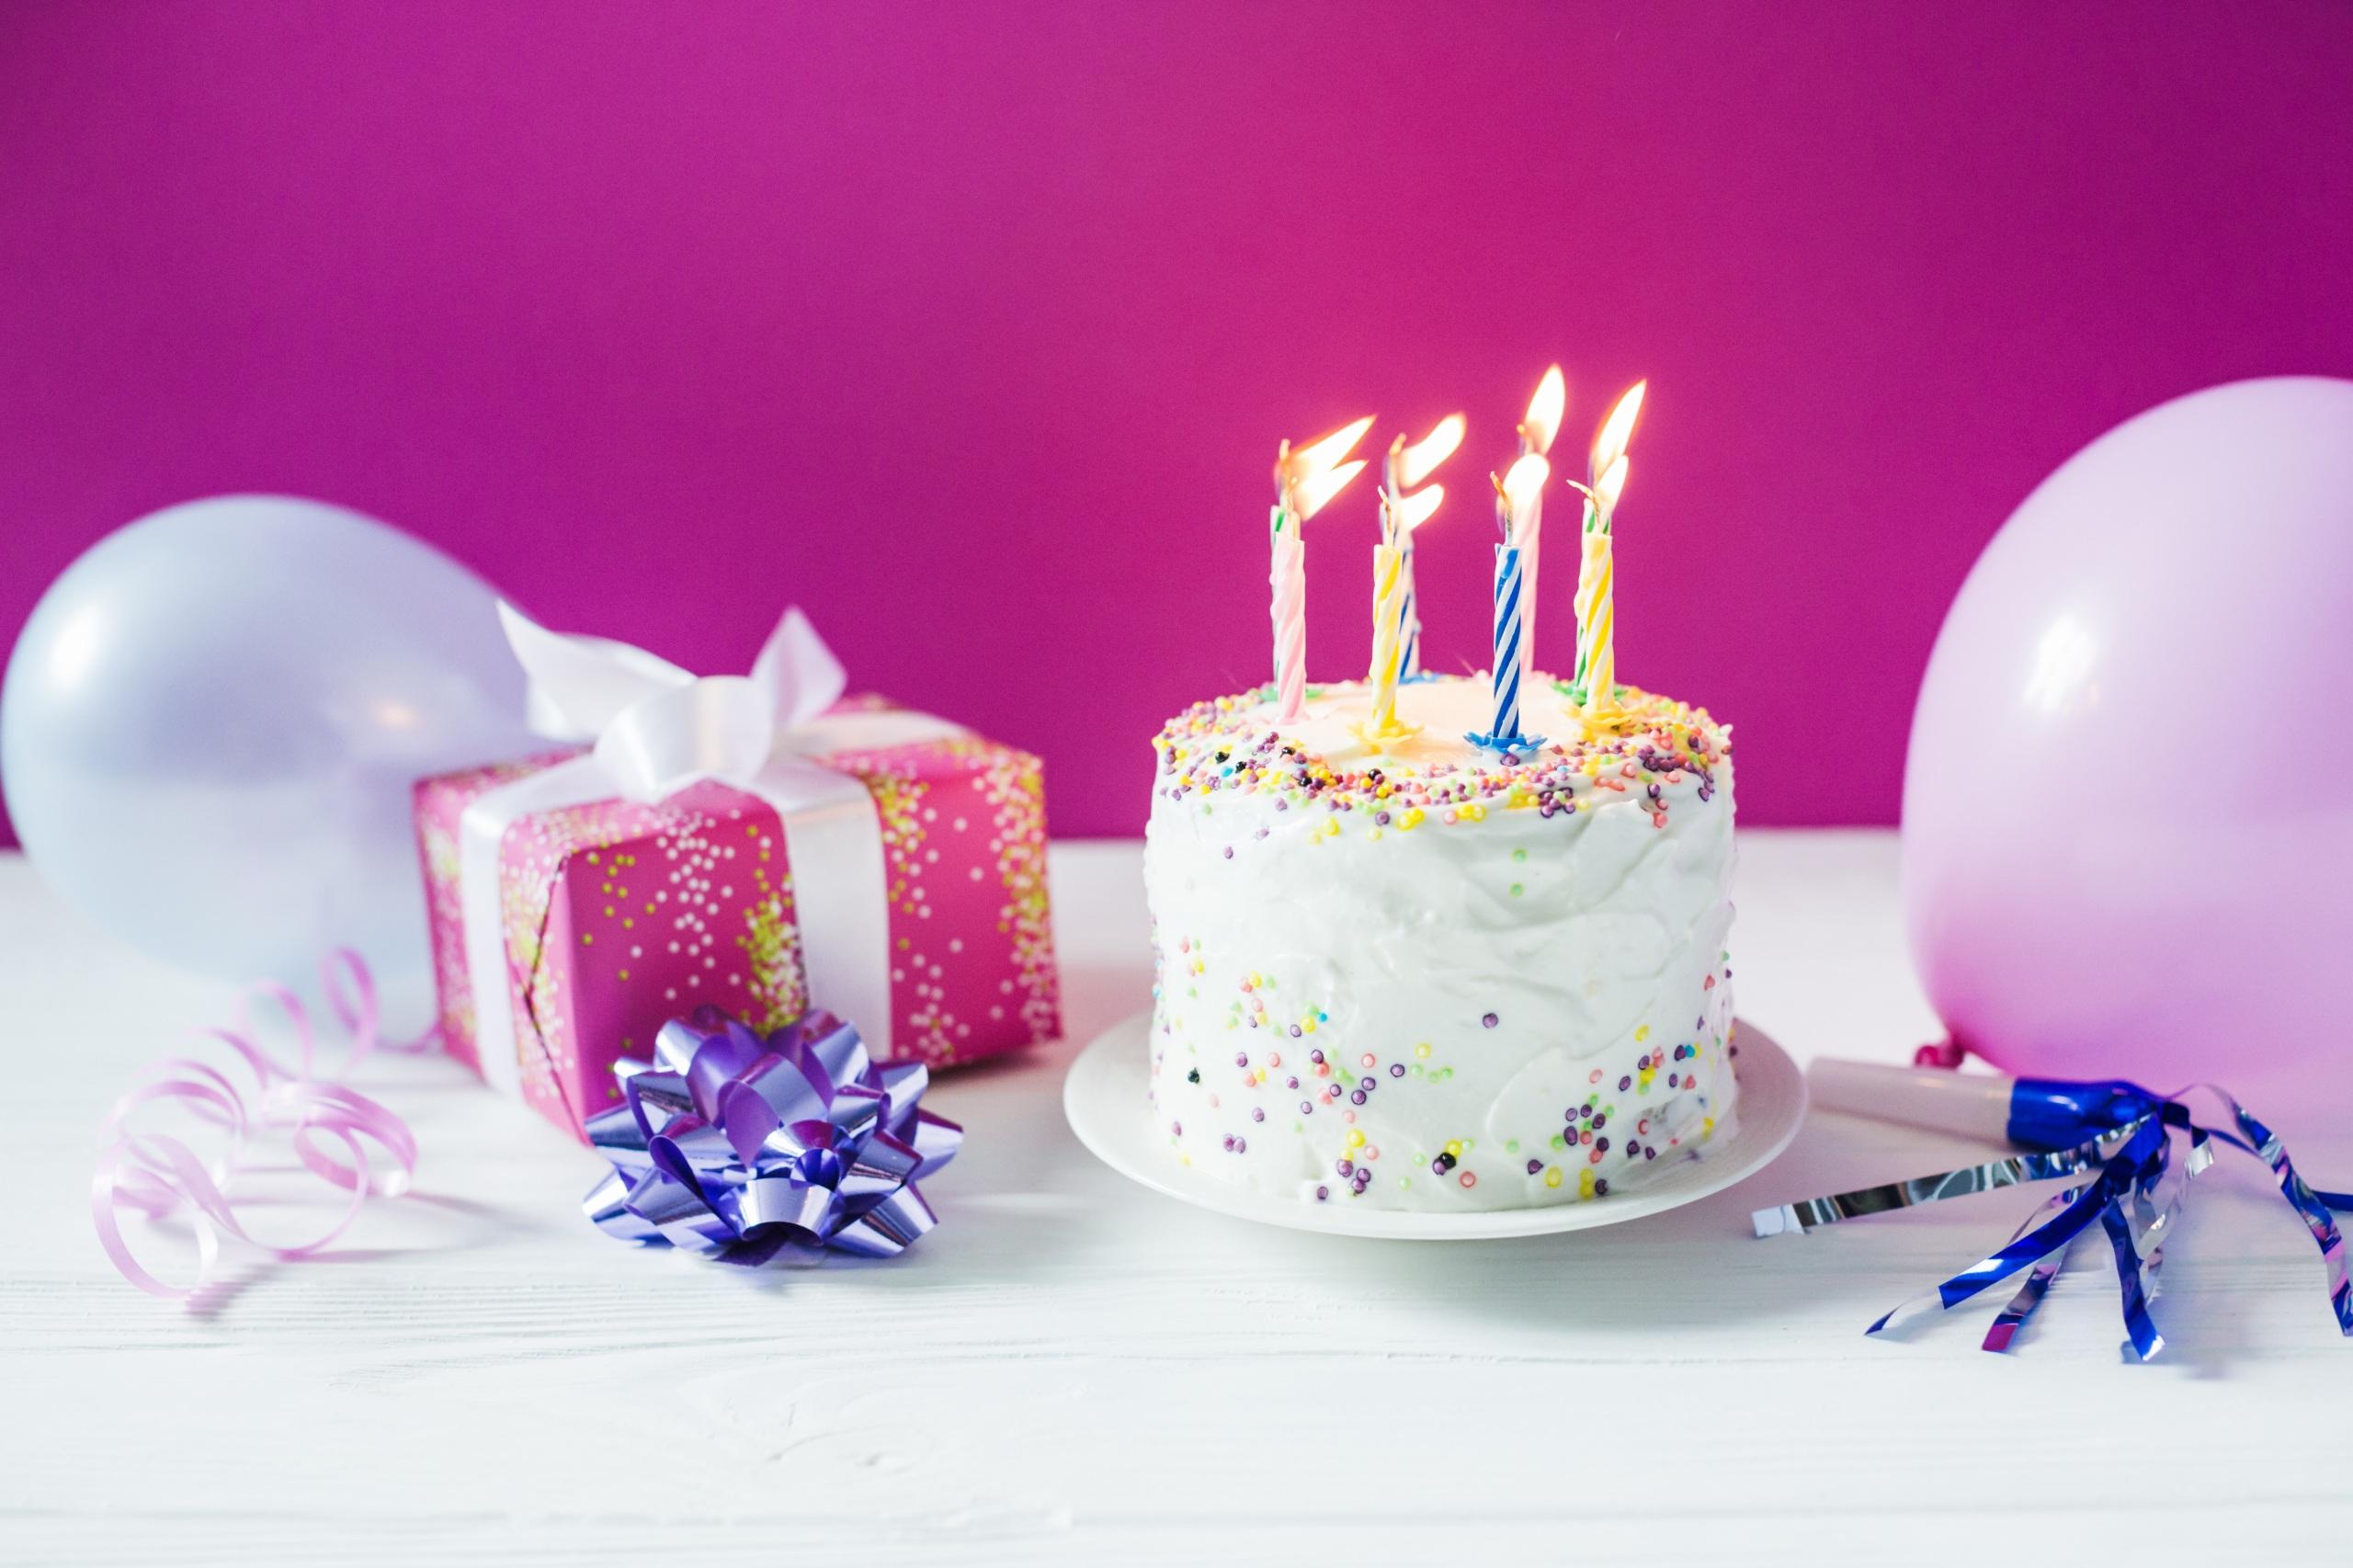 Фотография День рождения Торты подарков Пища Свечи Праздники 2560x1706 Подарки подарок Еда Продукты питания